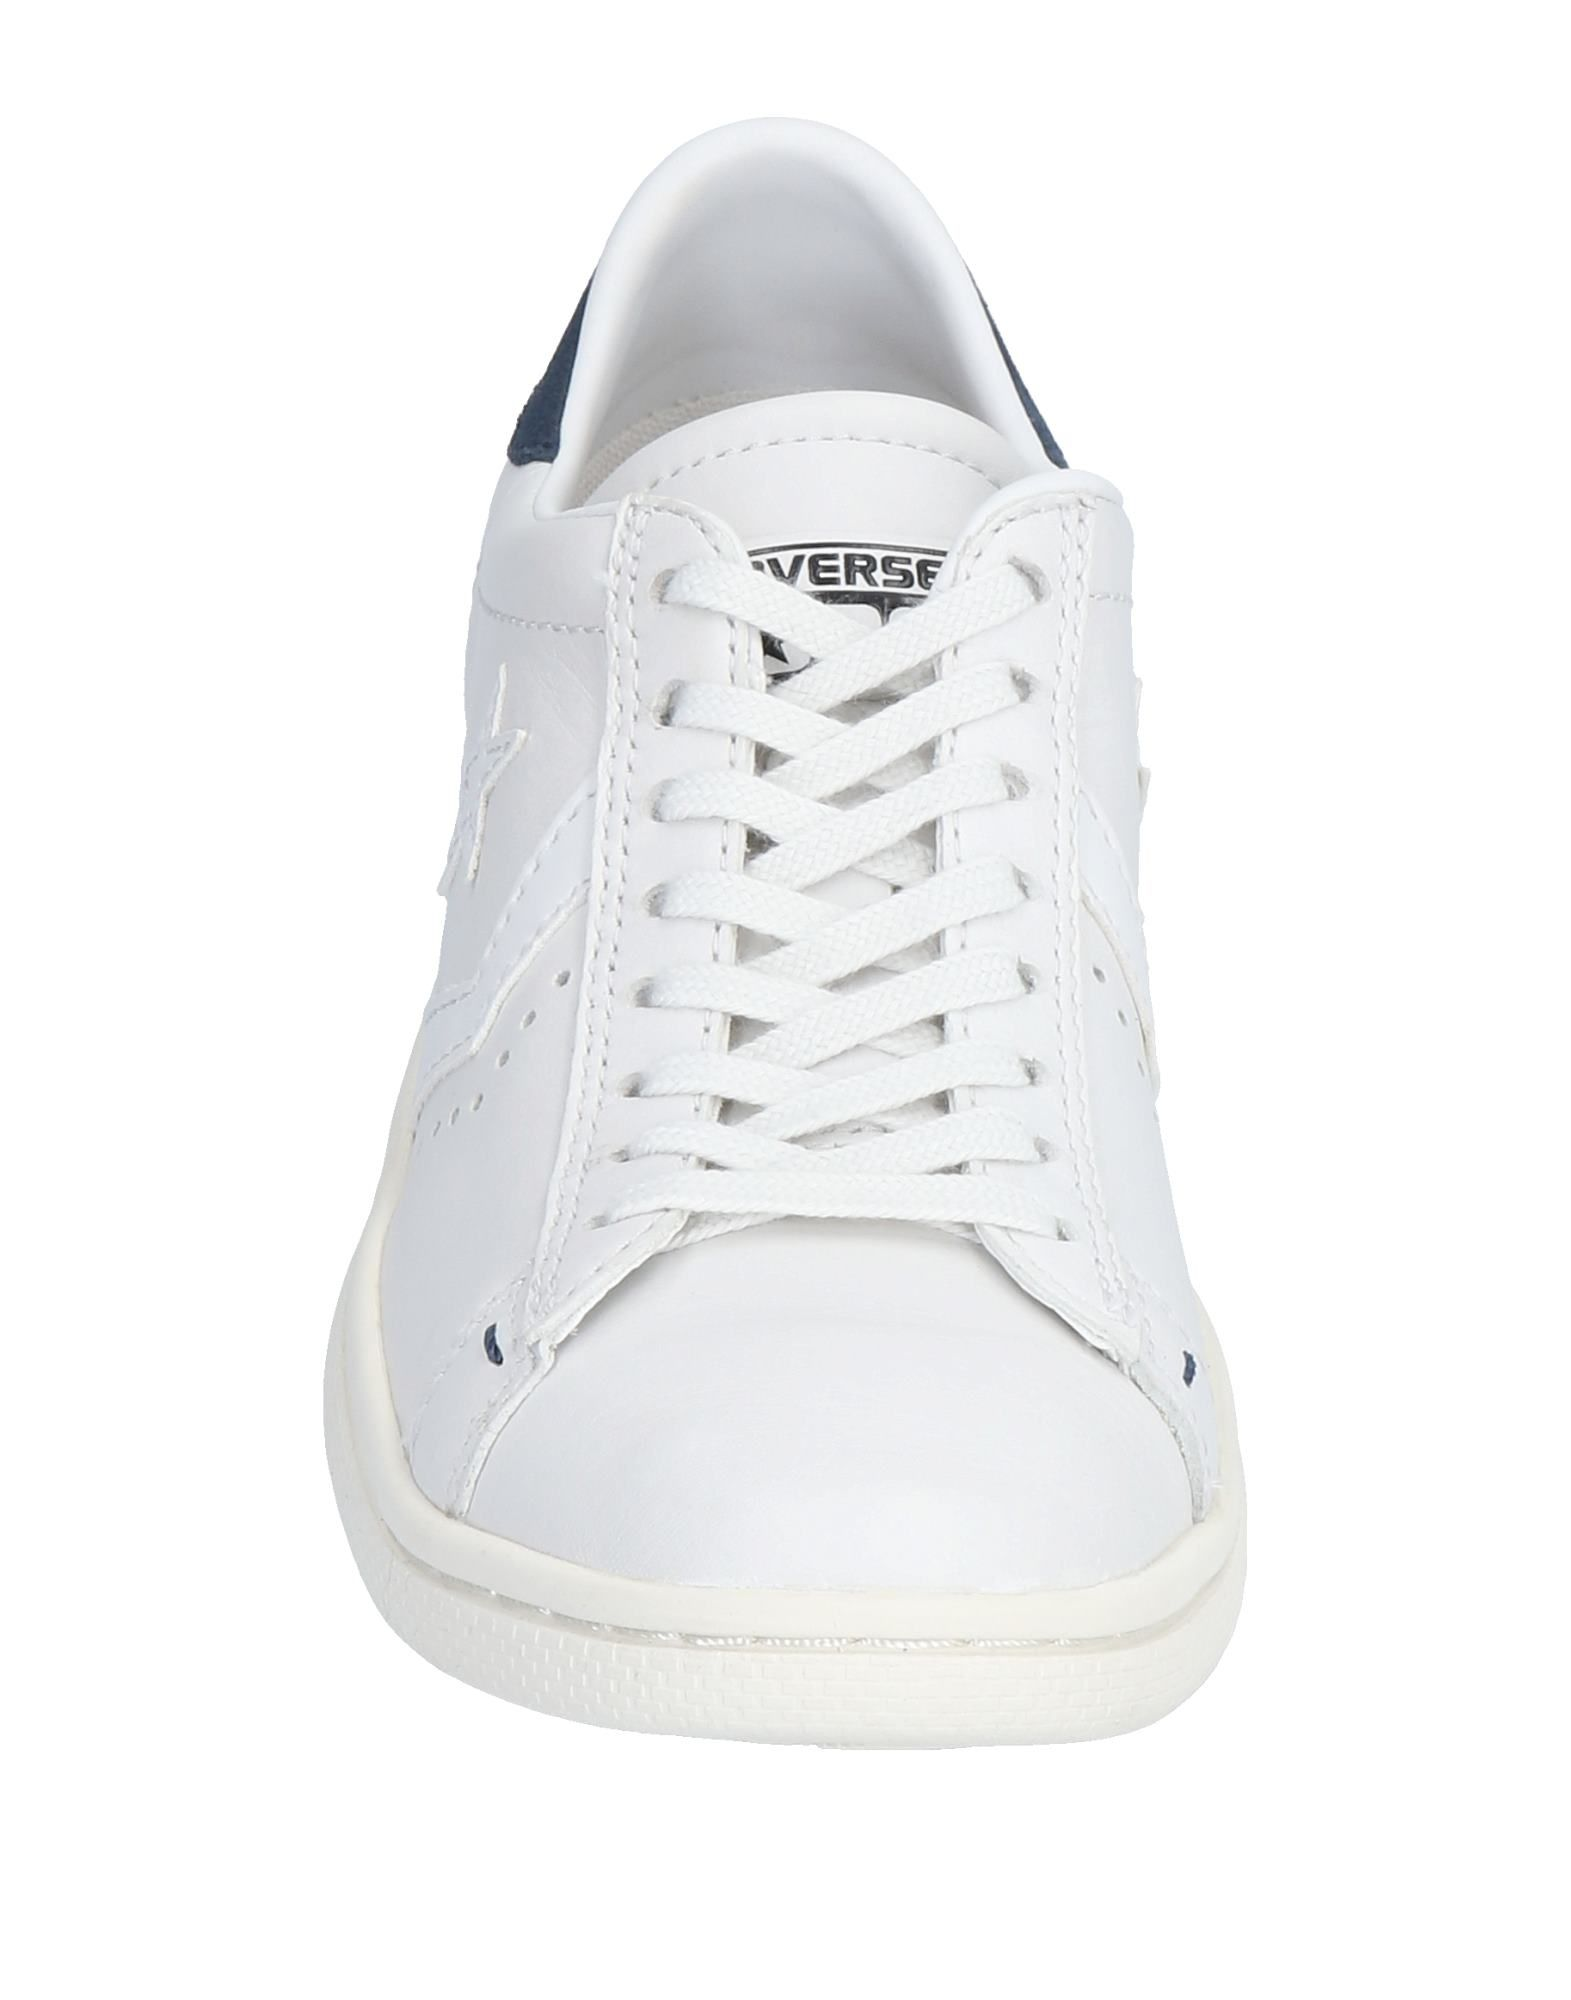 Converse Cons Sneakers Qualität Damen  11469627QN Gute Qualität Sneakers beliebte Schuhe 07670a